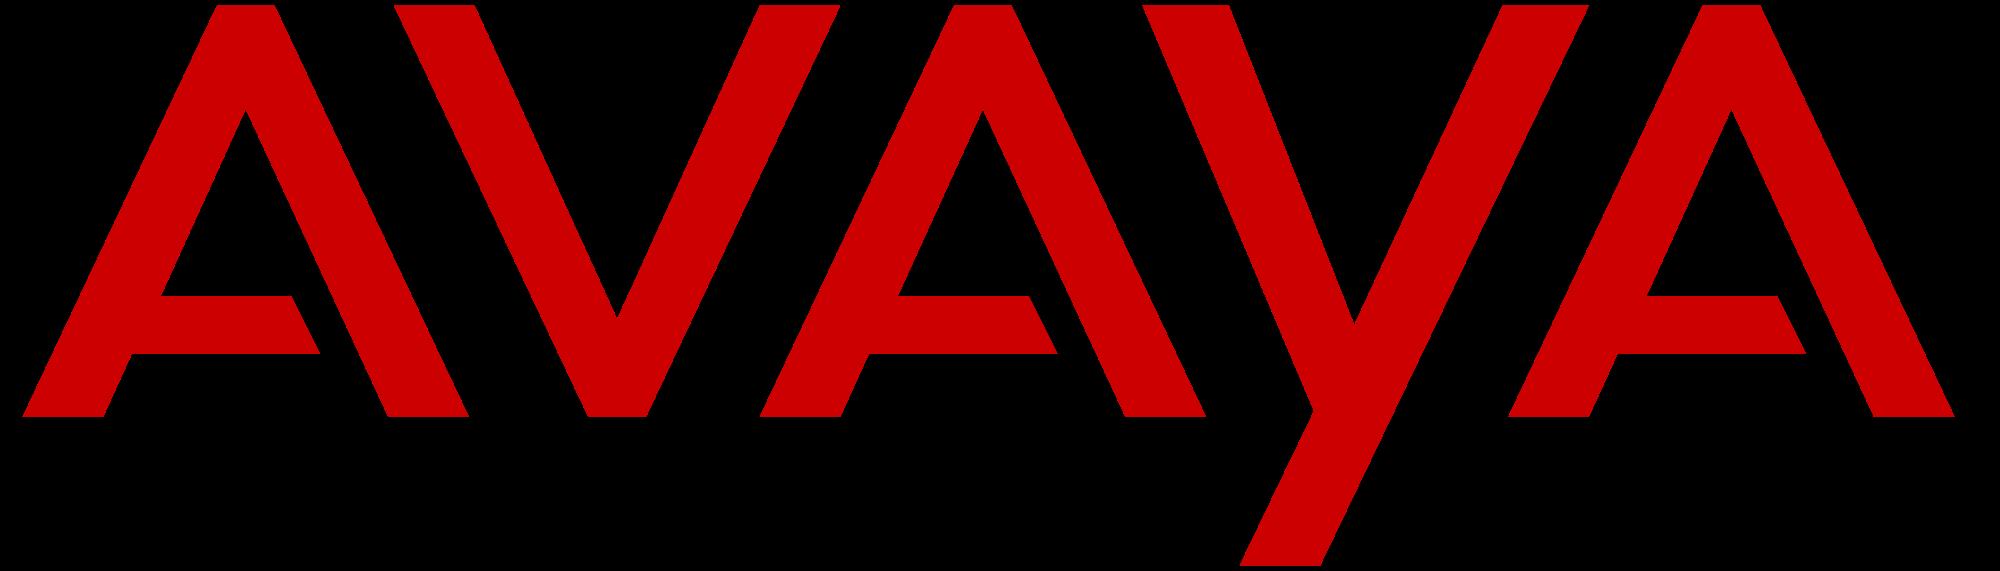 Avaya Unified Communications logo